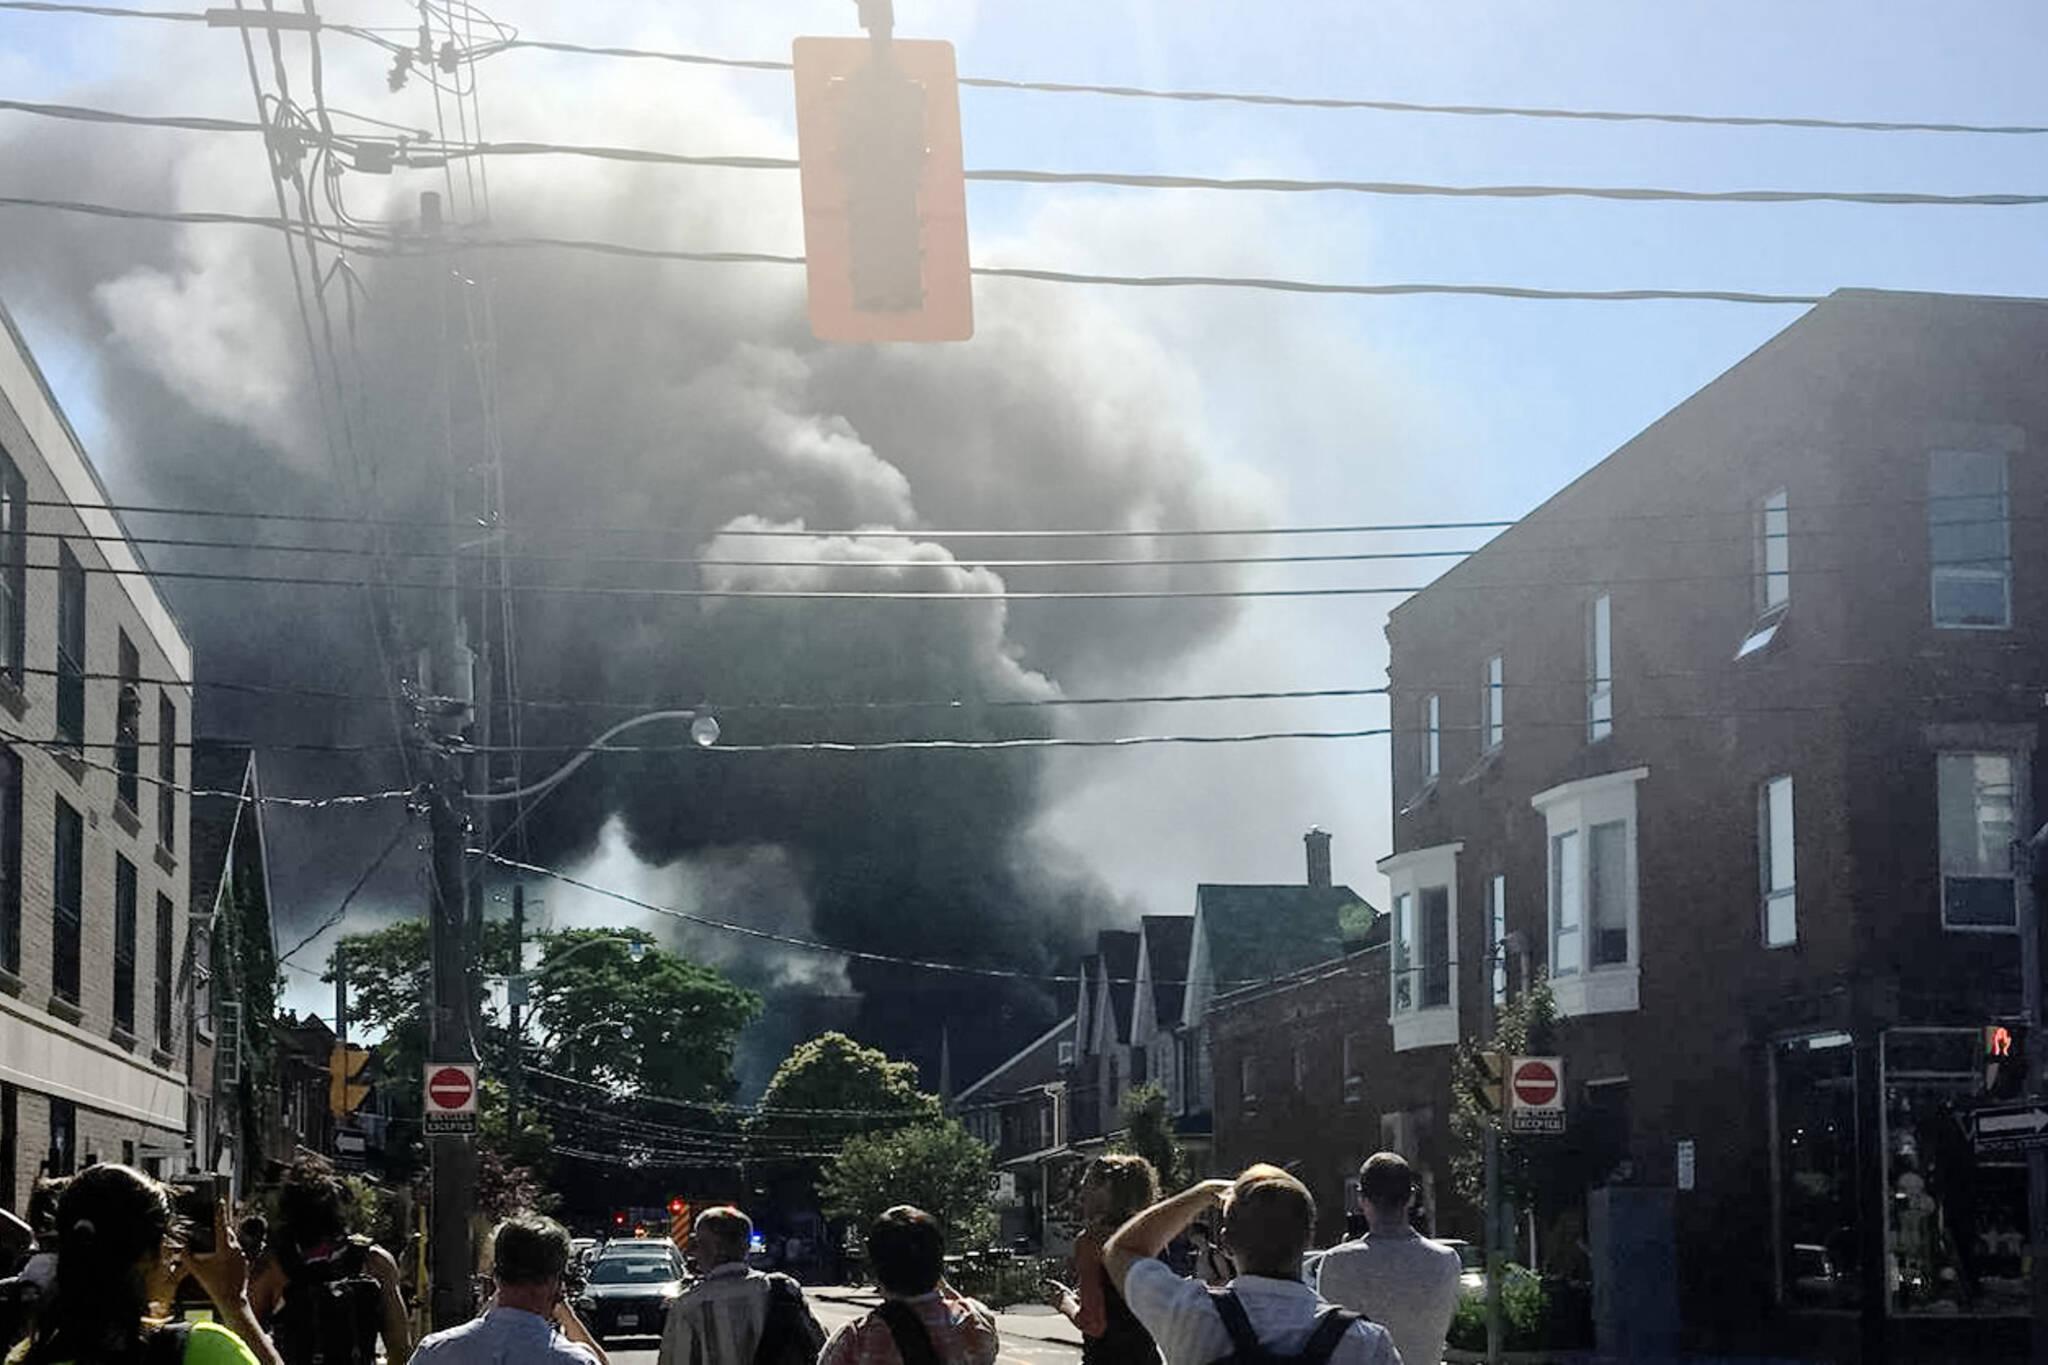 toronto smoke fire